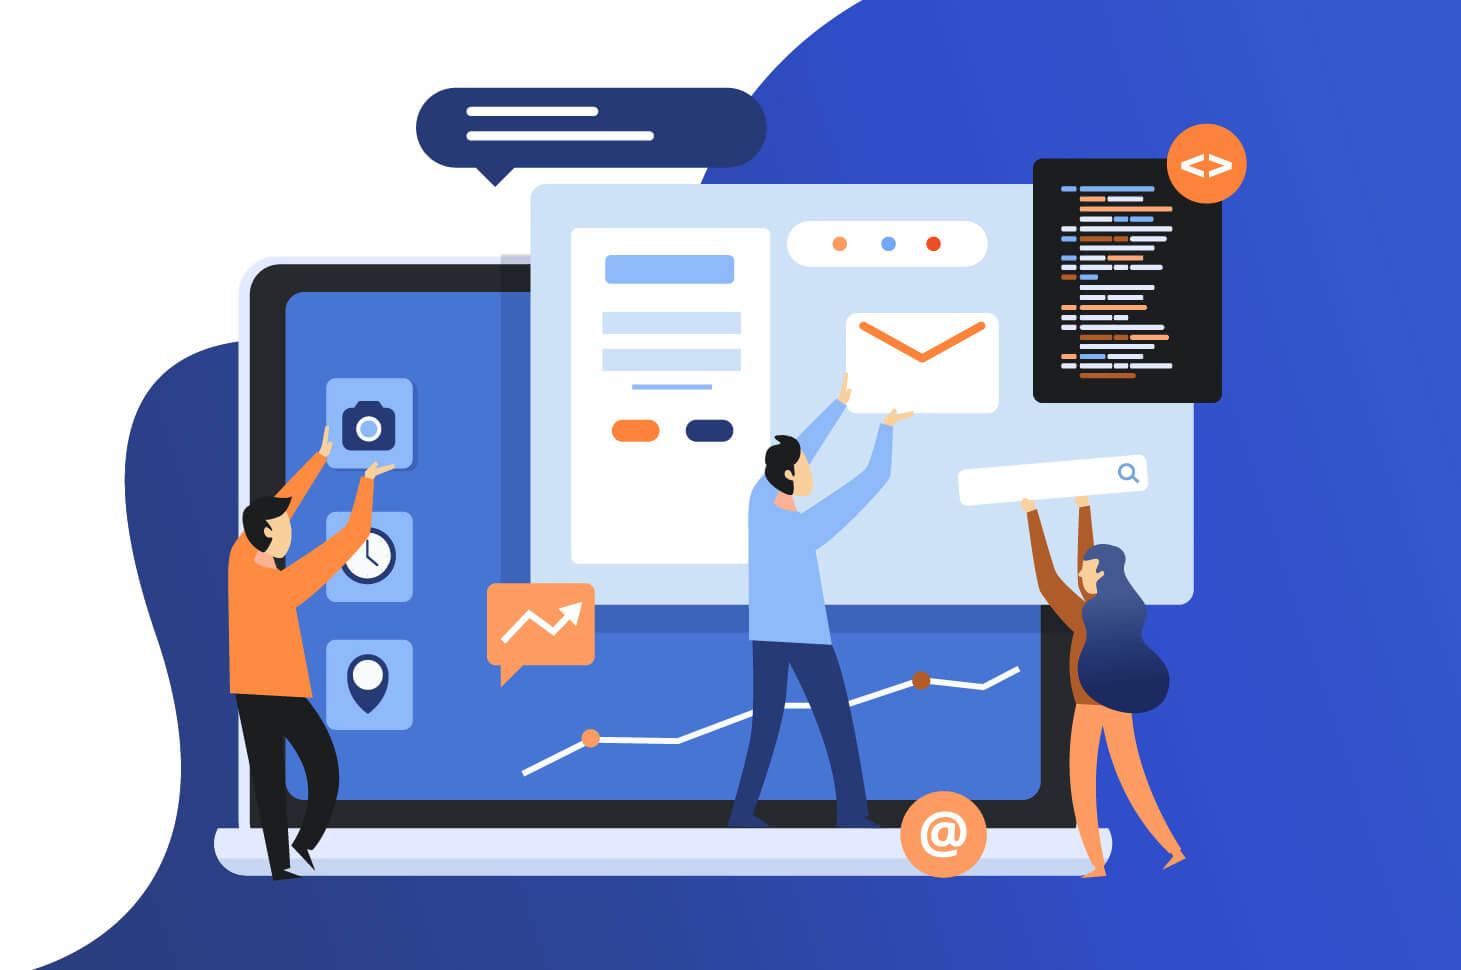 Tầm quan trọng của trải nghiệm người dùng trên website đối với doanh nghiệp  - Letweb - Letweb